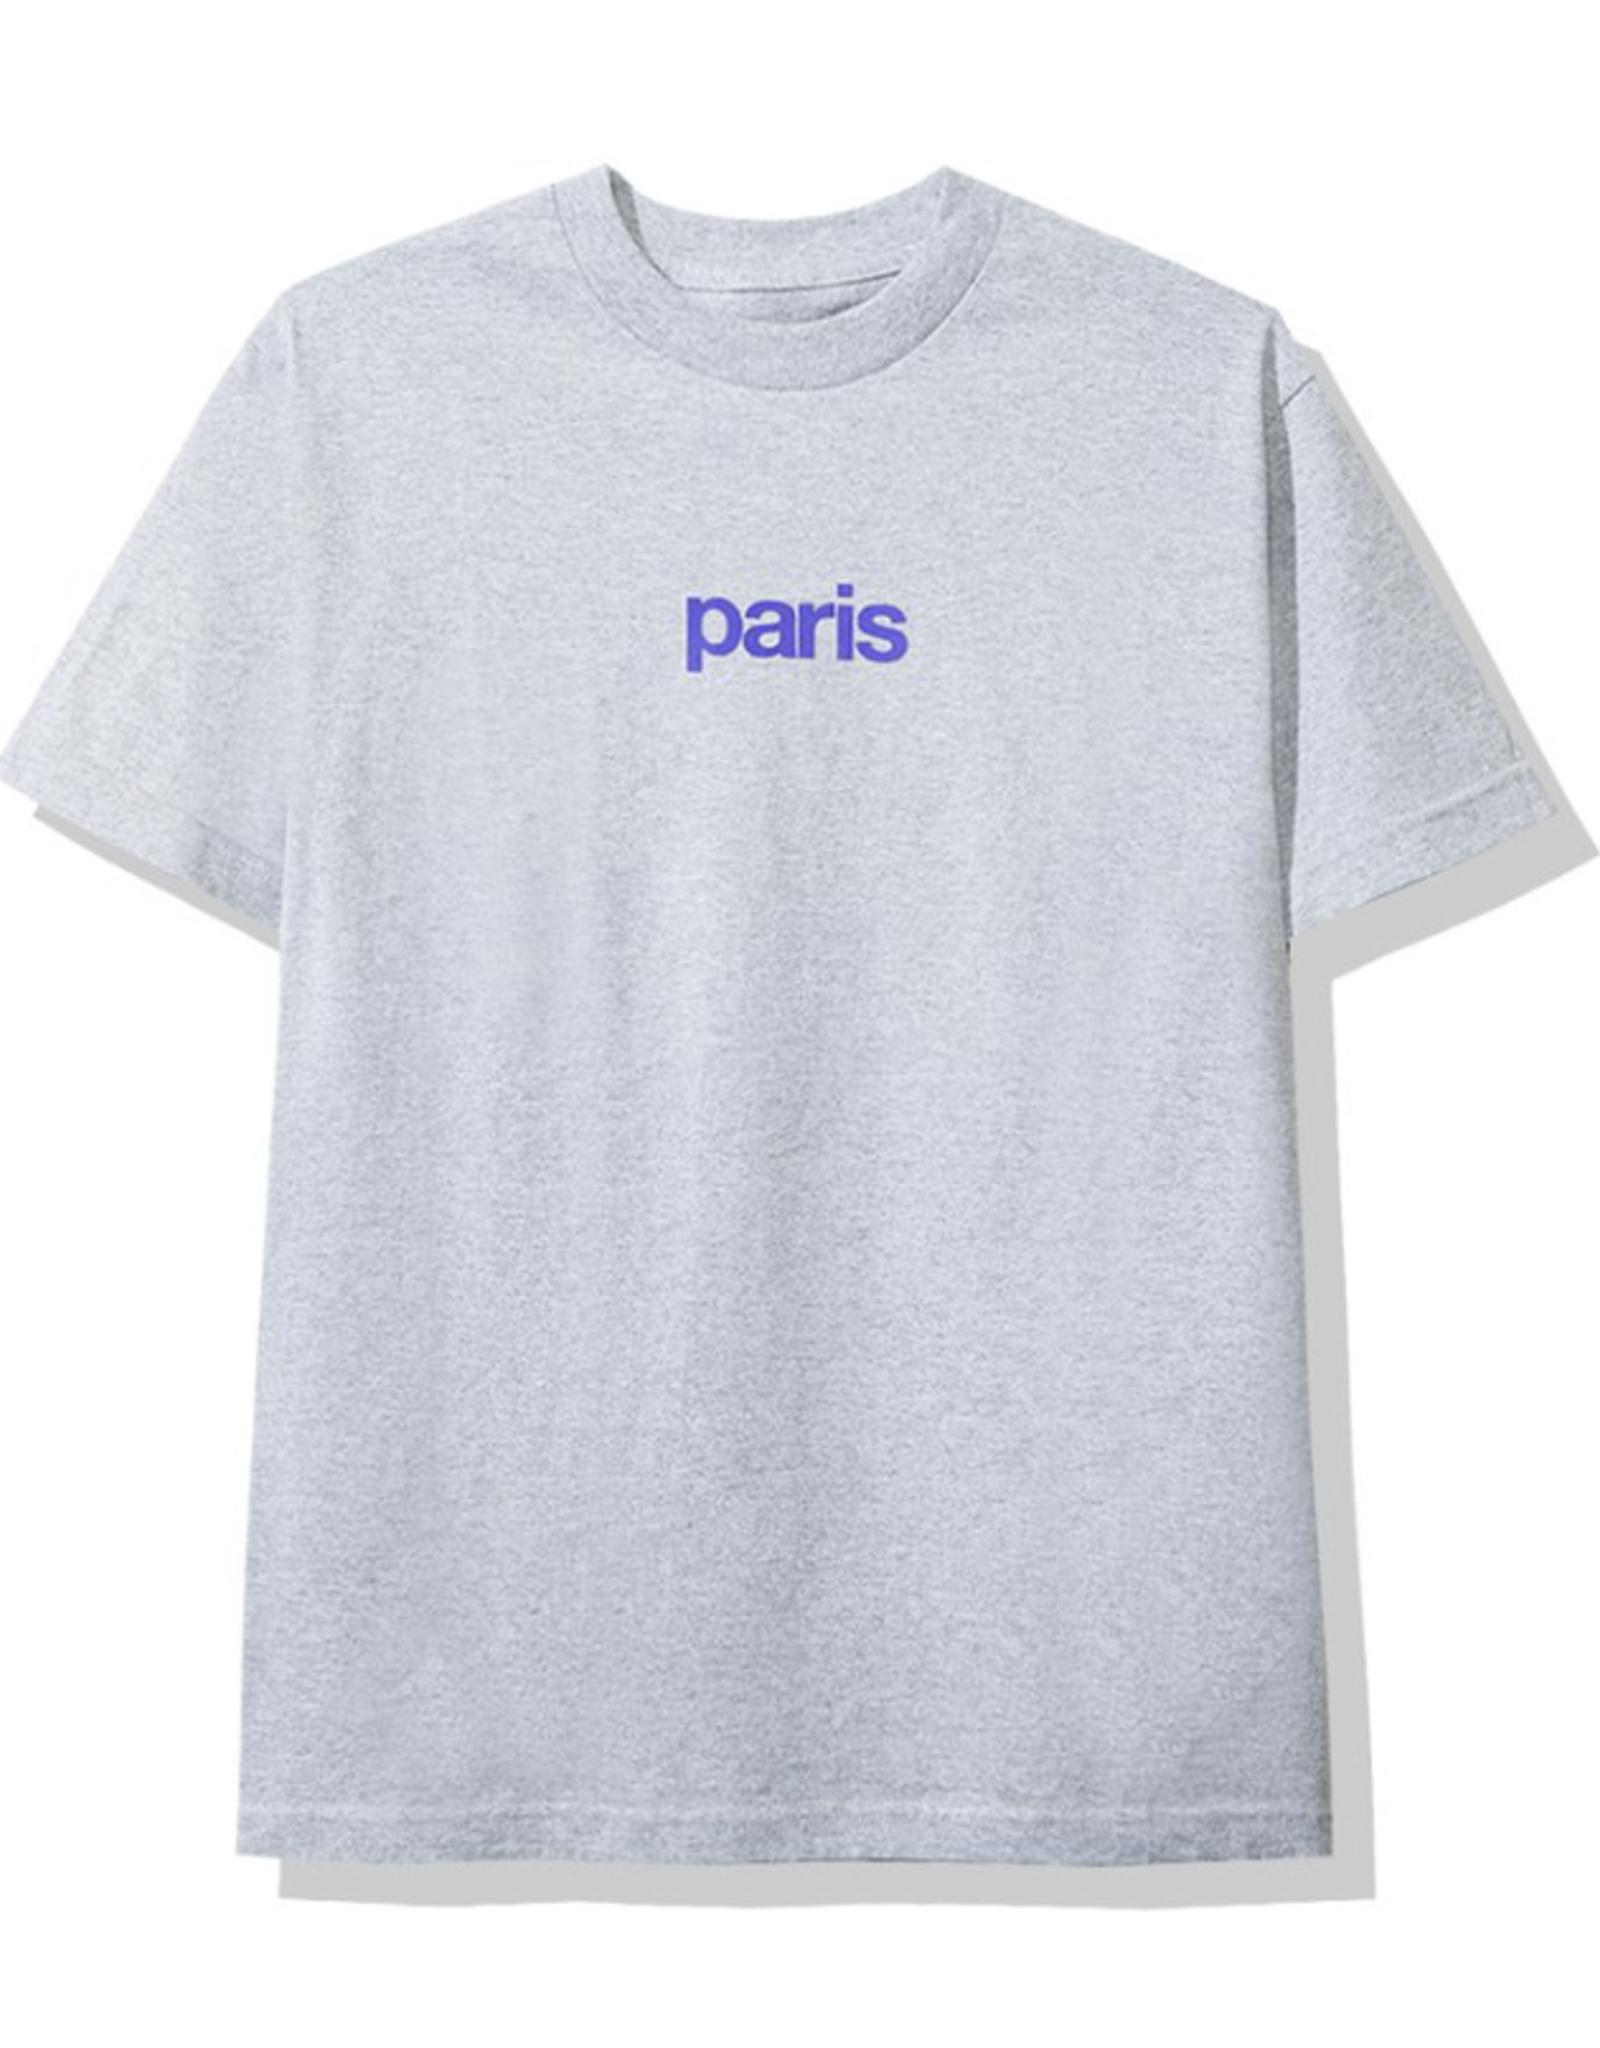 ASSC ASSC Paris Grey Tee